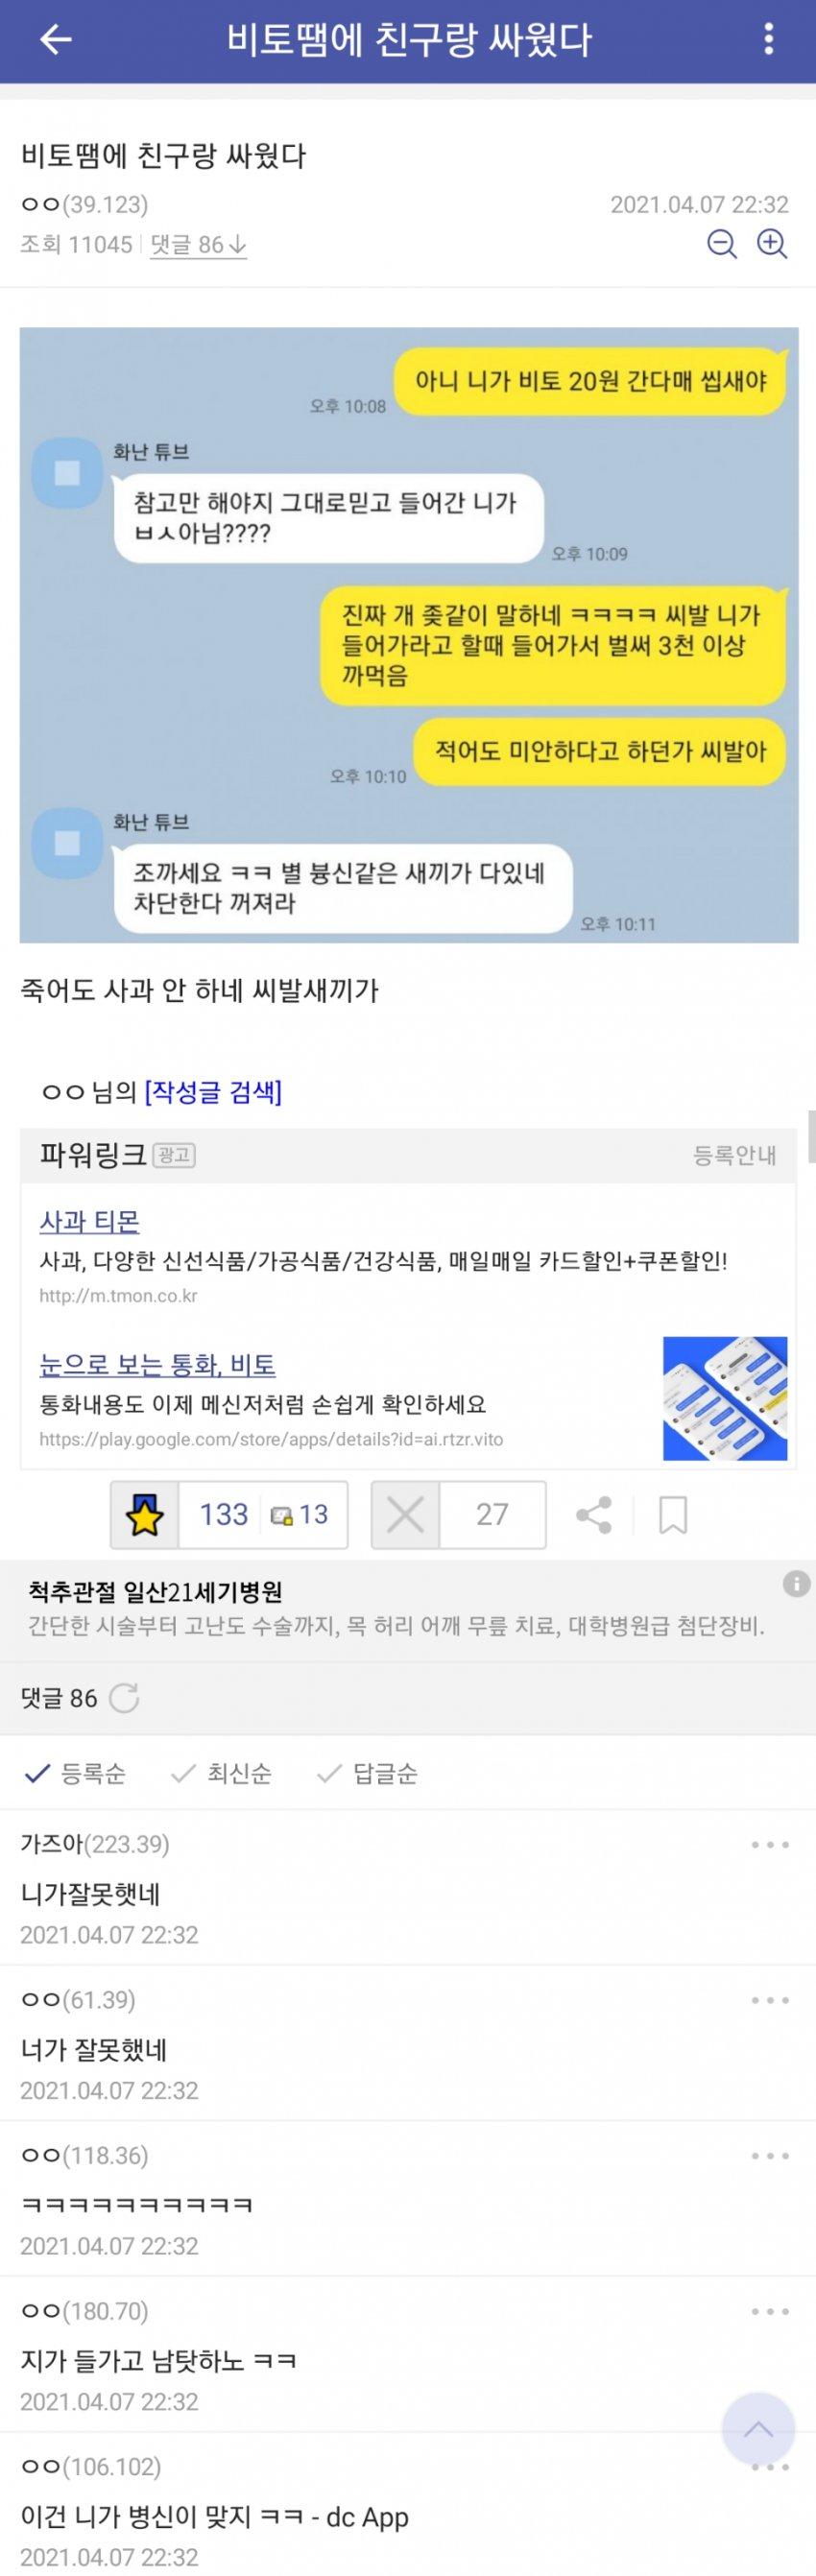 viewimage.php?id=23b8df35f1dd3bad&no=24b0d769e1d32ca73dec81fa11d028314d3faebecfec25ed6aa779bc7857f314d1567d4e809b8715f27e8f94e6378a9b59811df62e49df0d8c05835ee94f165c96f1ec80c72aa549d64d8a965f1ec737902f4ec0ad9bc34a137c1c4b37dc